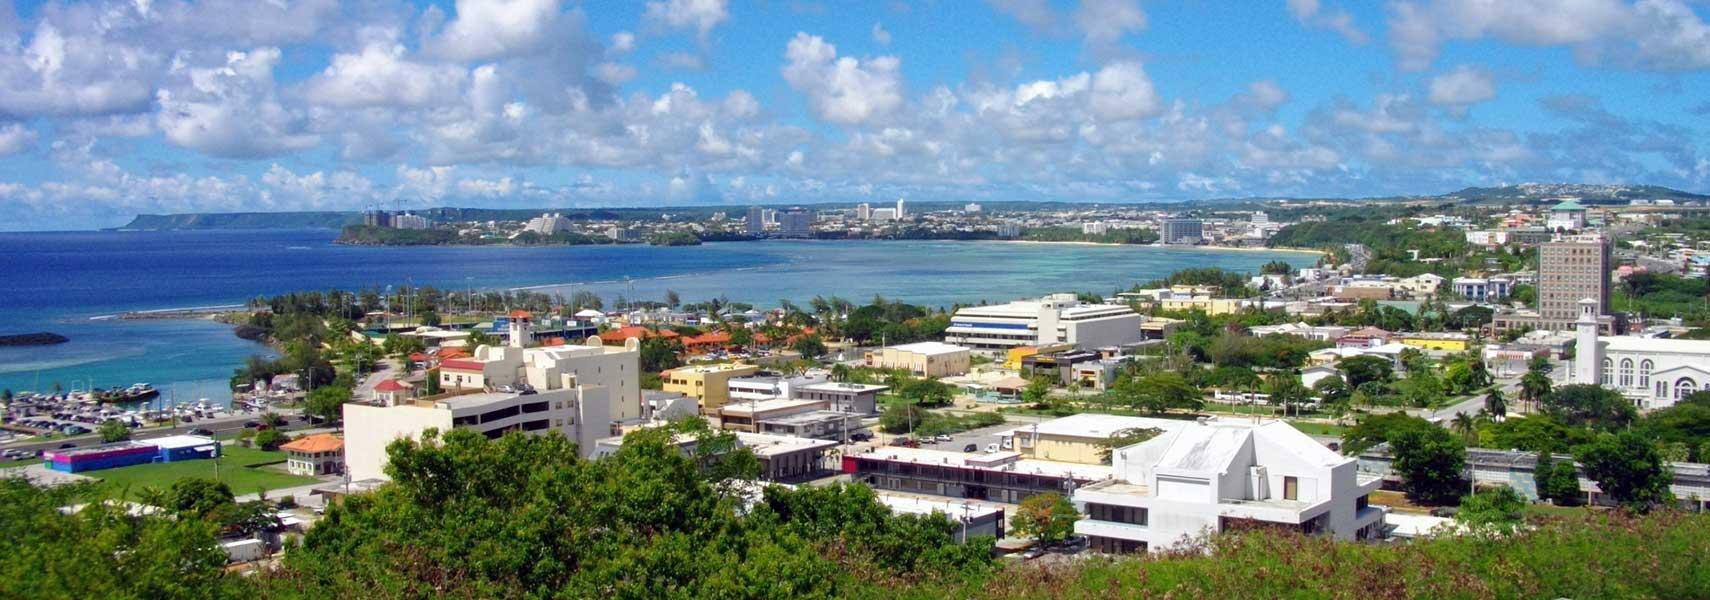 Google Map of Hagåtña, (Hagatna) Guam - Nations Online Project